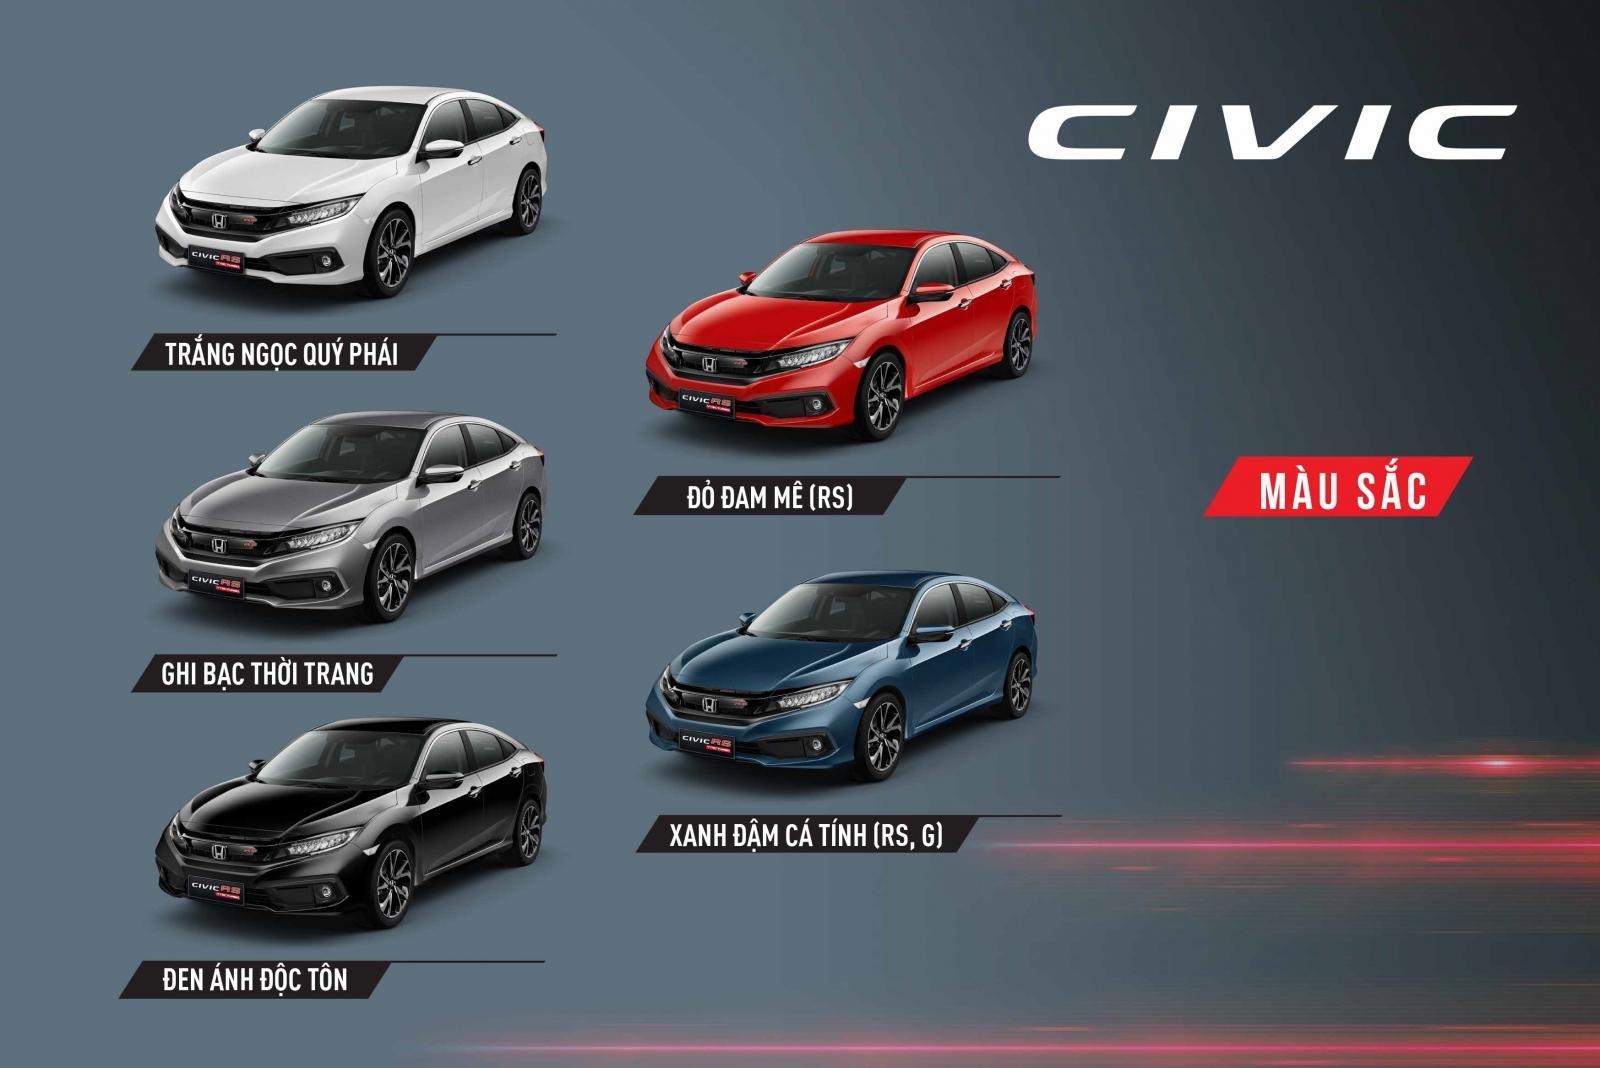 Honda Civic 2019 có mấy màu?.